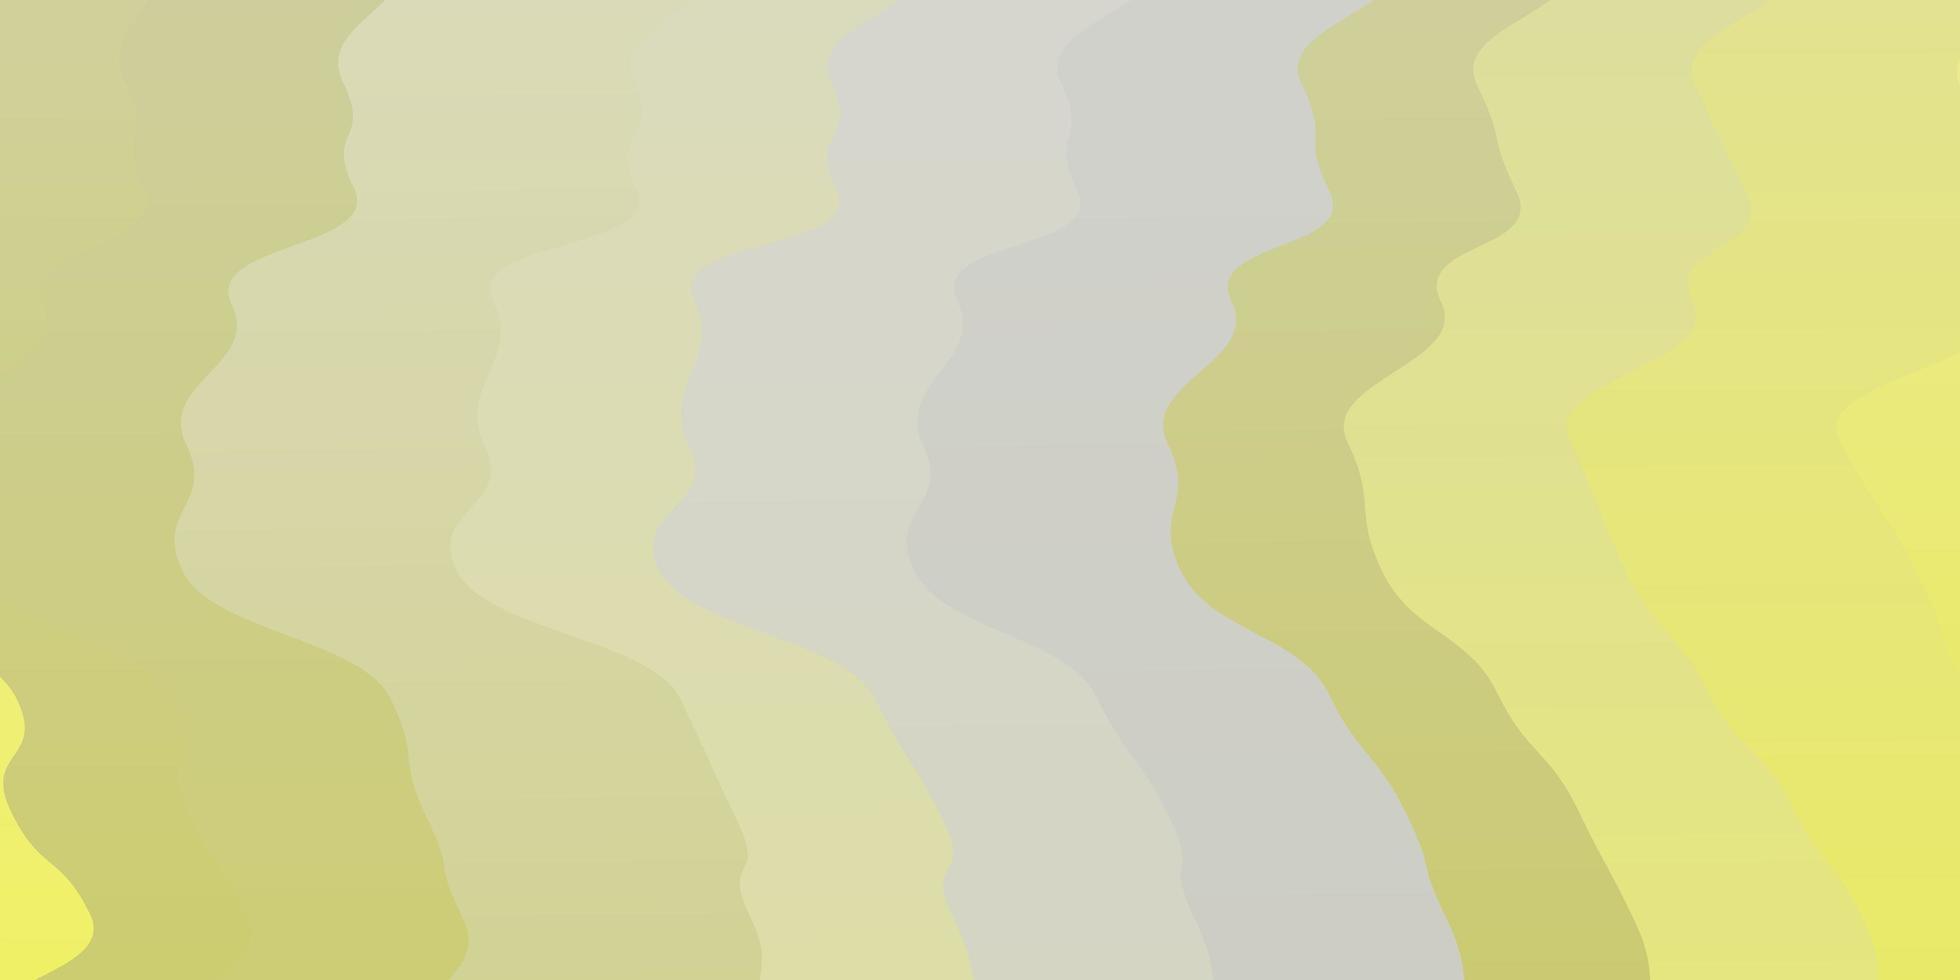 plantilla de vector amarillo claro con líneas torcidas.